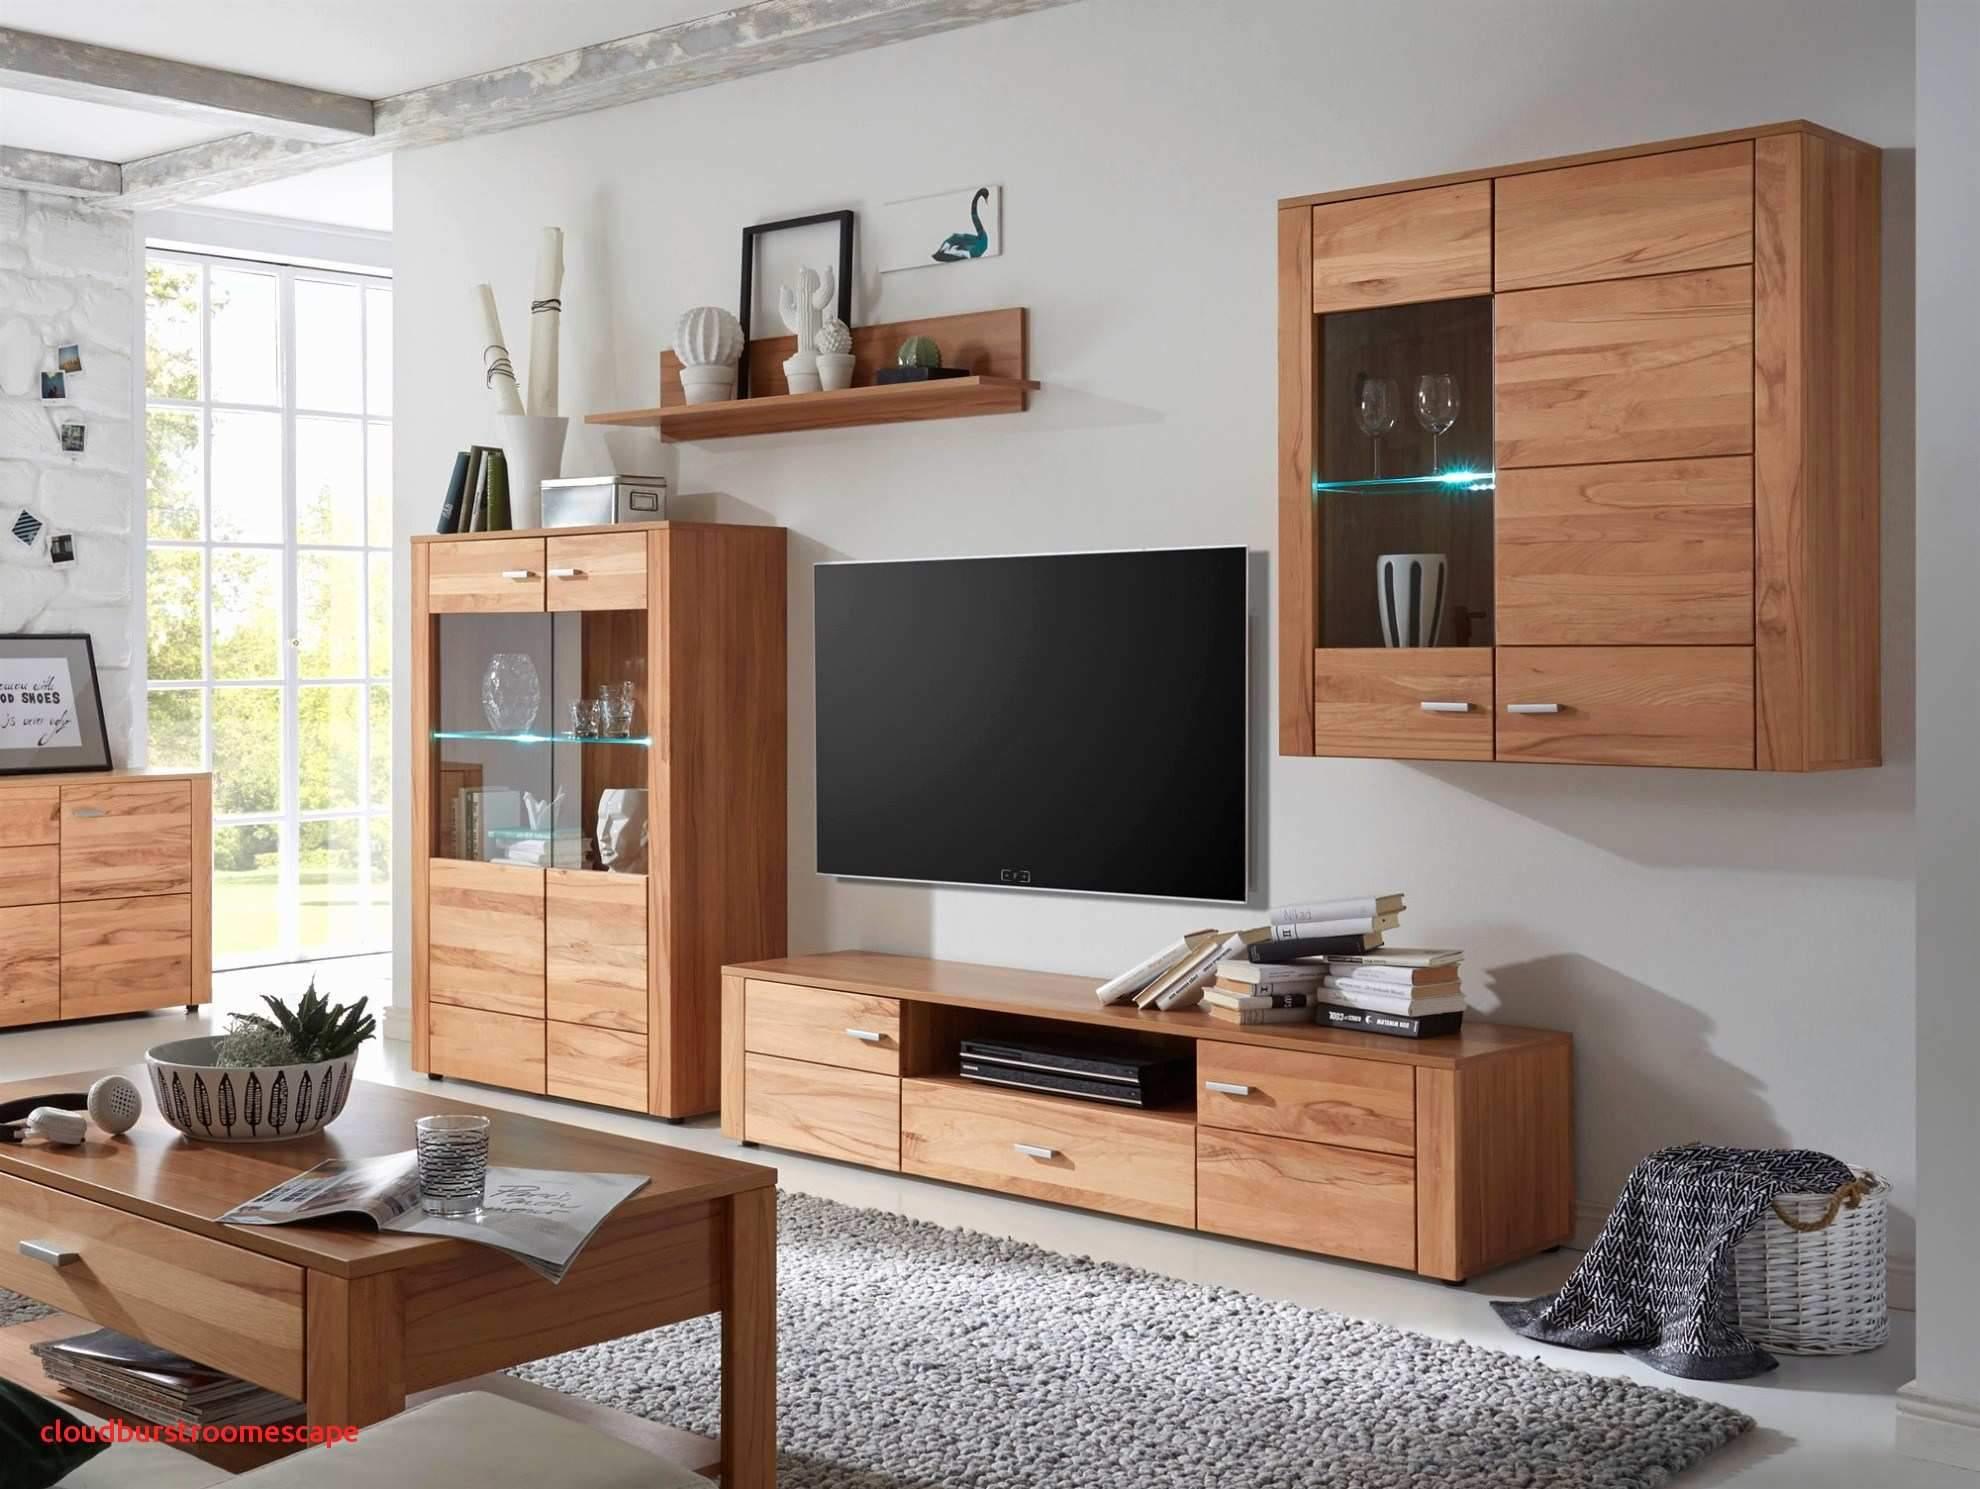 Bauideen Holz Genial 33 Einzigartig 3d Wandpaneele Wohnzimmer Elegant